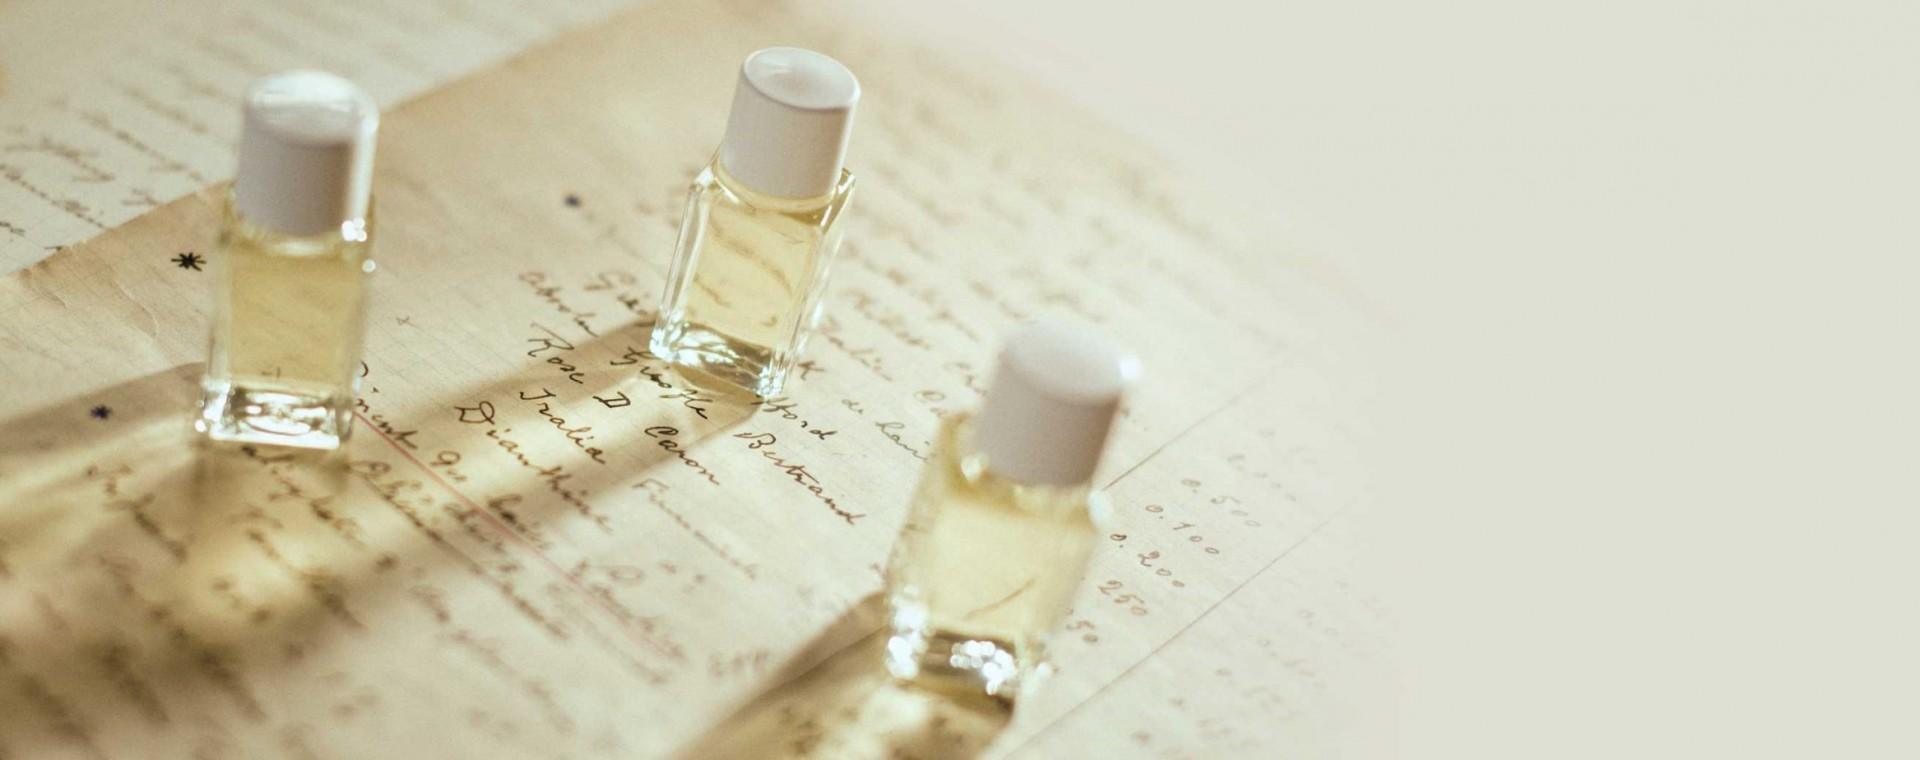 Our Perfumer